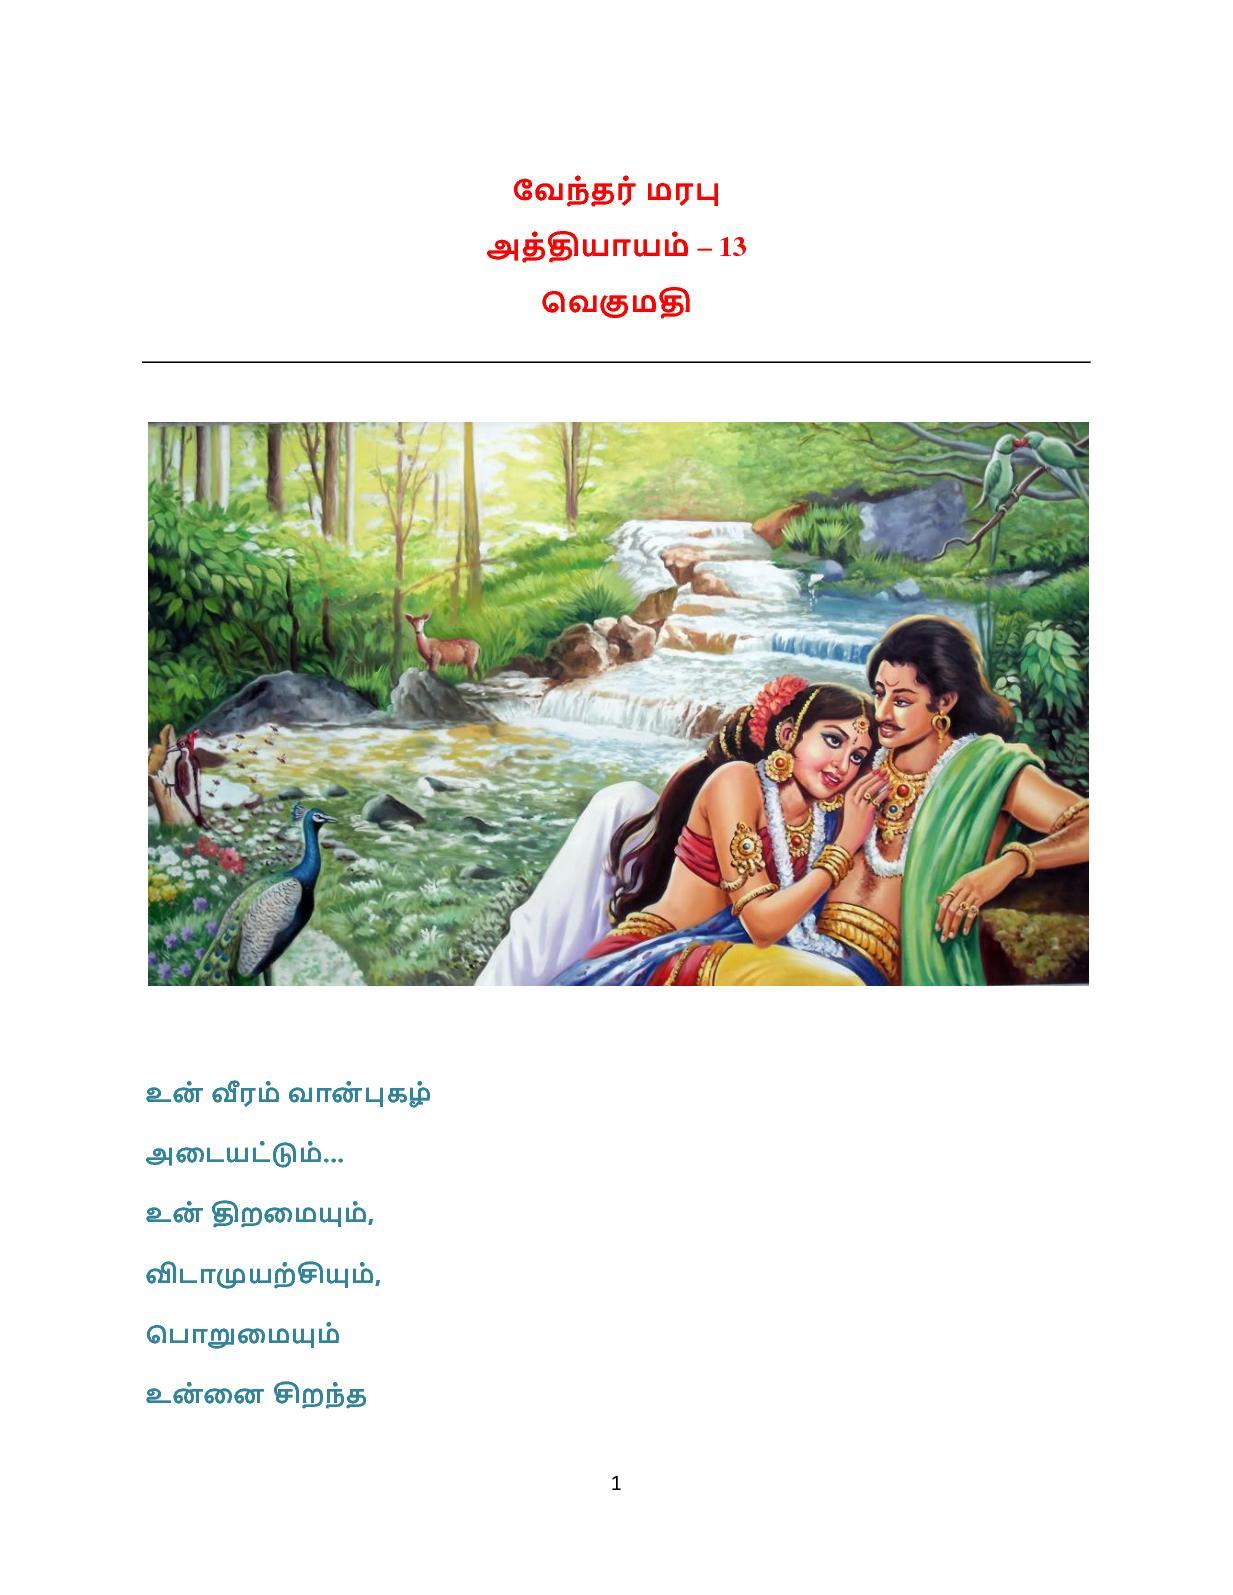 வேந்தர் மரபு 13